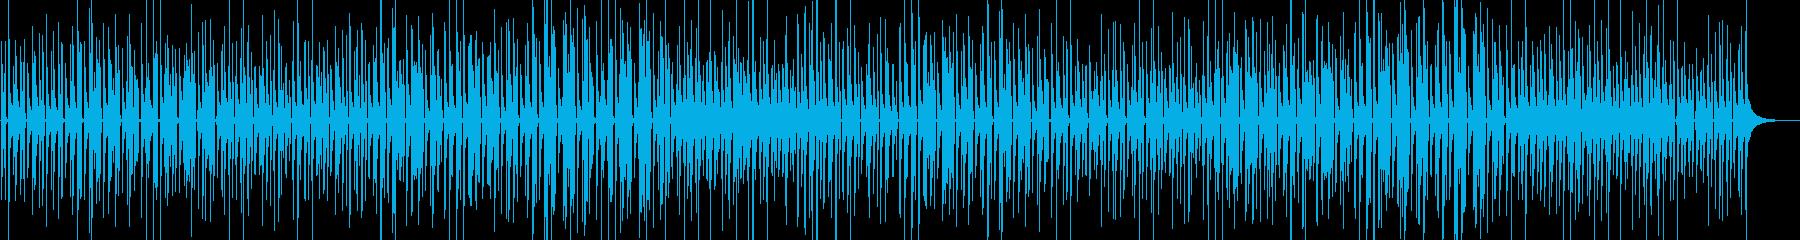 YouTube ウクレレ・口笛・日常の再生済みの波形